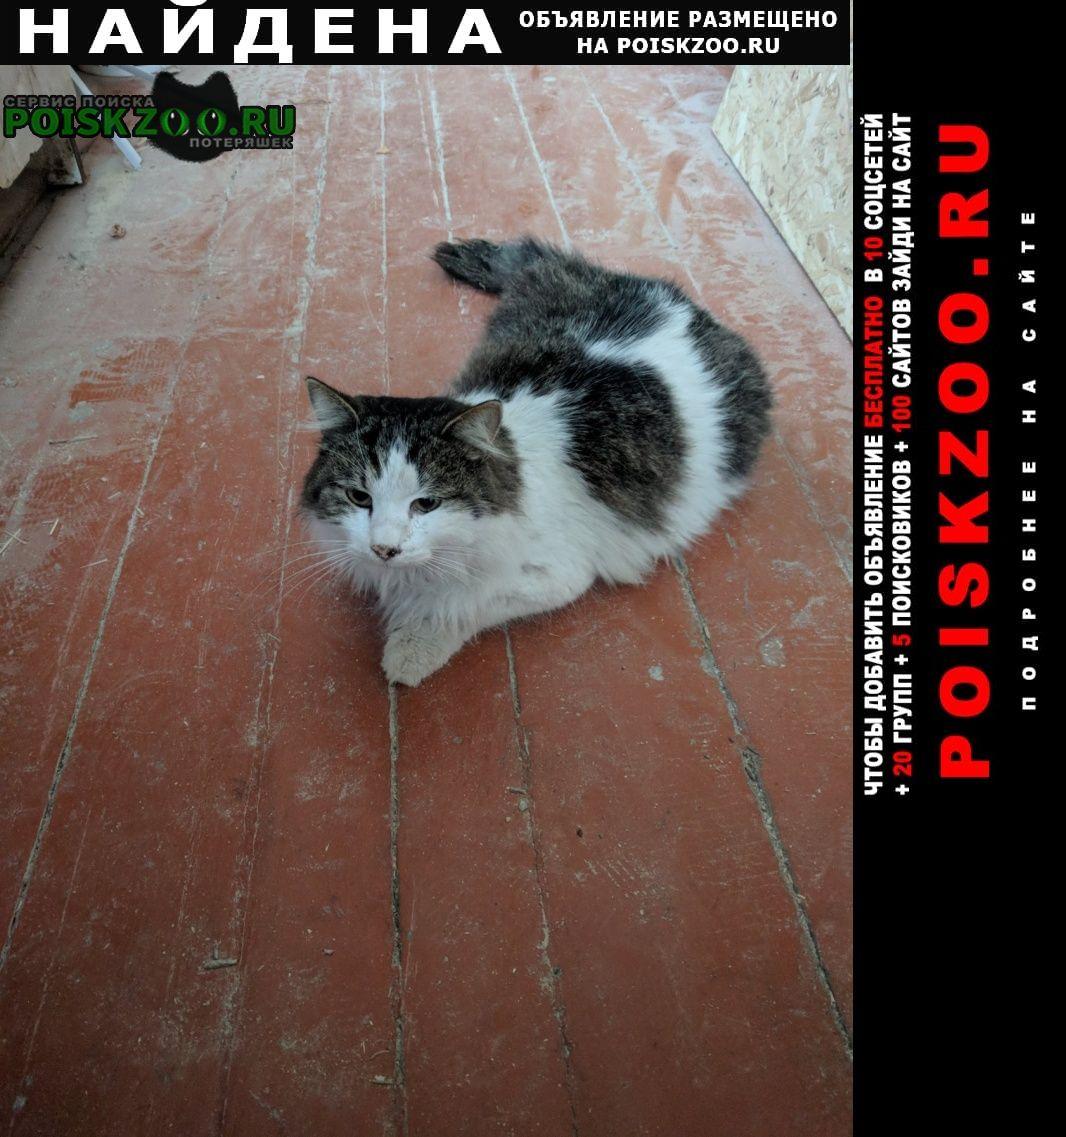 Найдена кошка в районе азовского рынка Новочеркасск